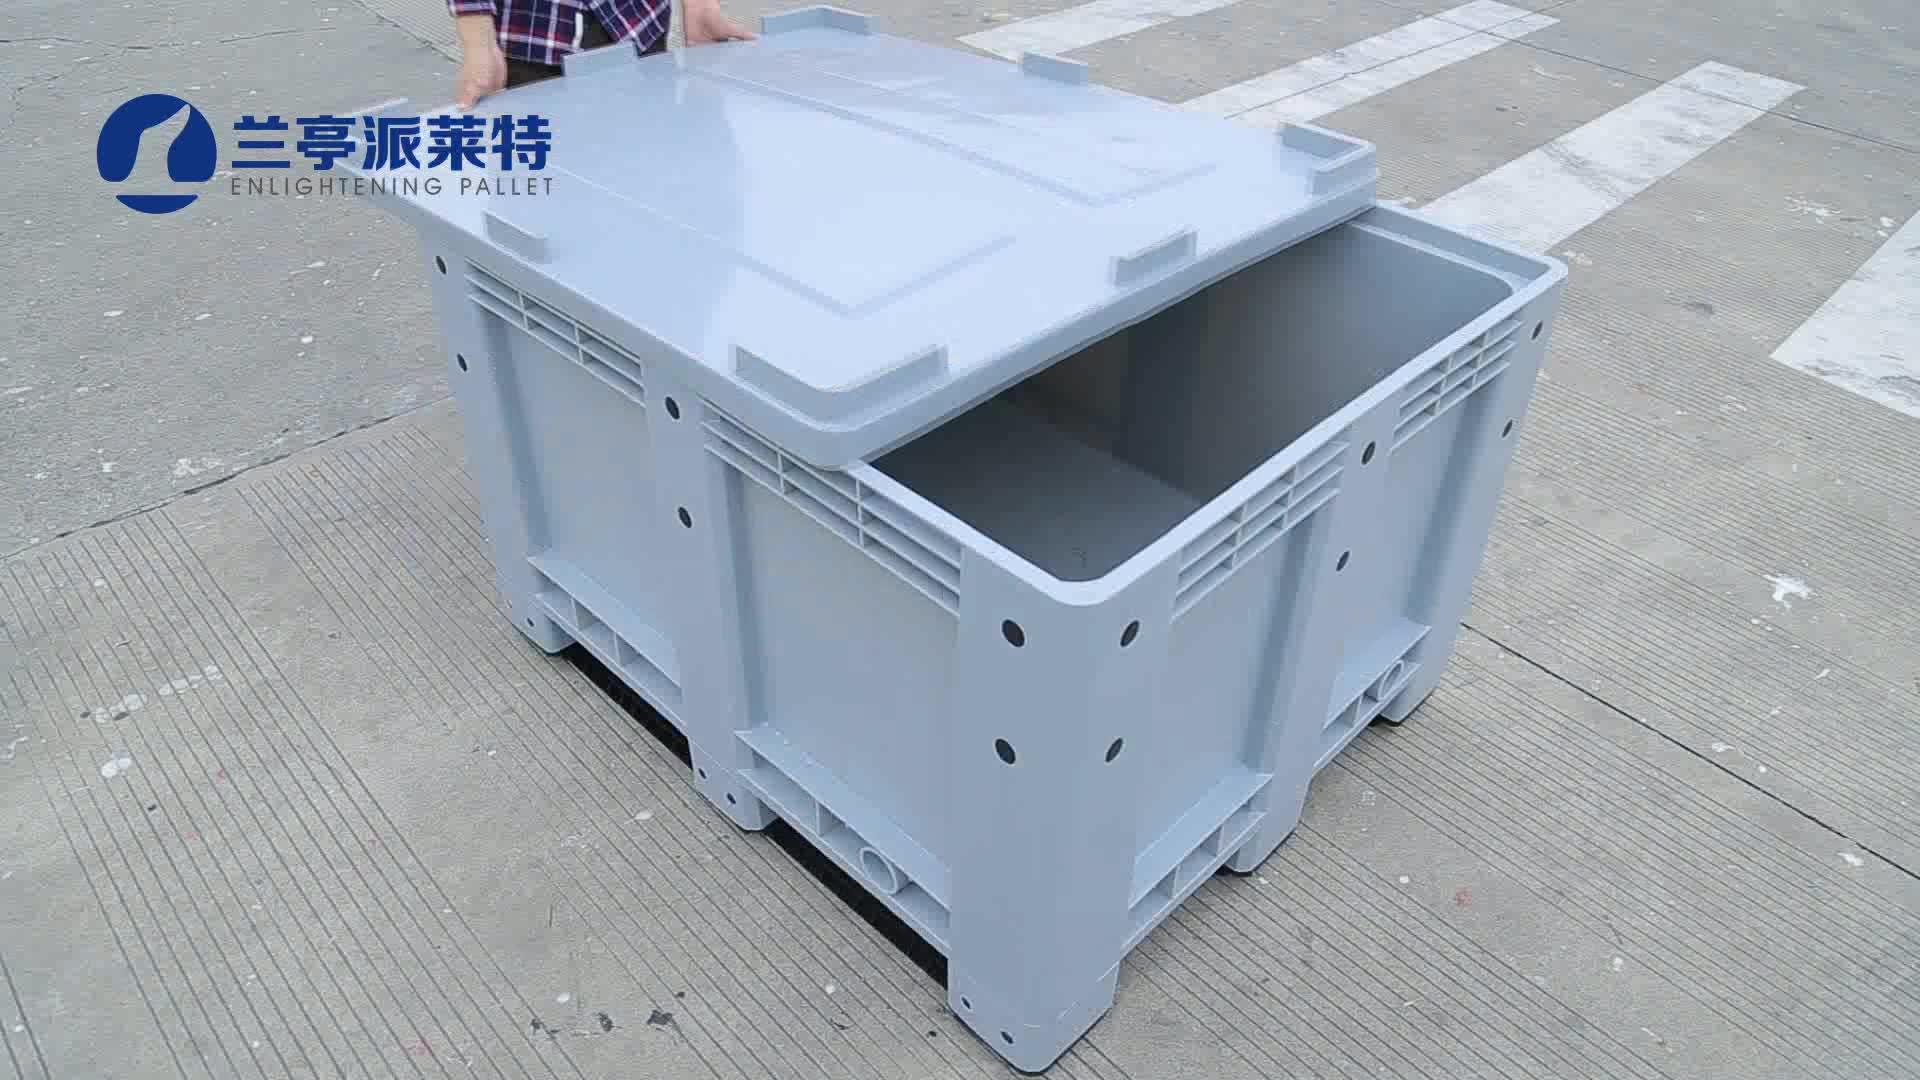 चार तरीके प्रविष्टि निकाल ढक्कन के साथ फूस बॉक्स प्लास्टिक टोकरा